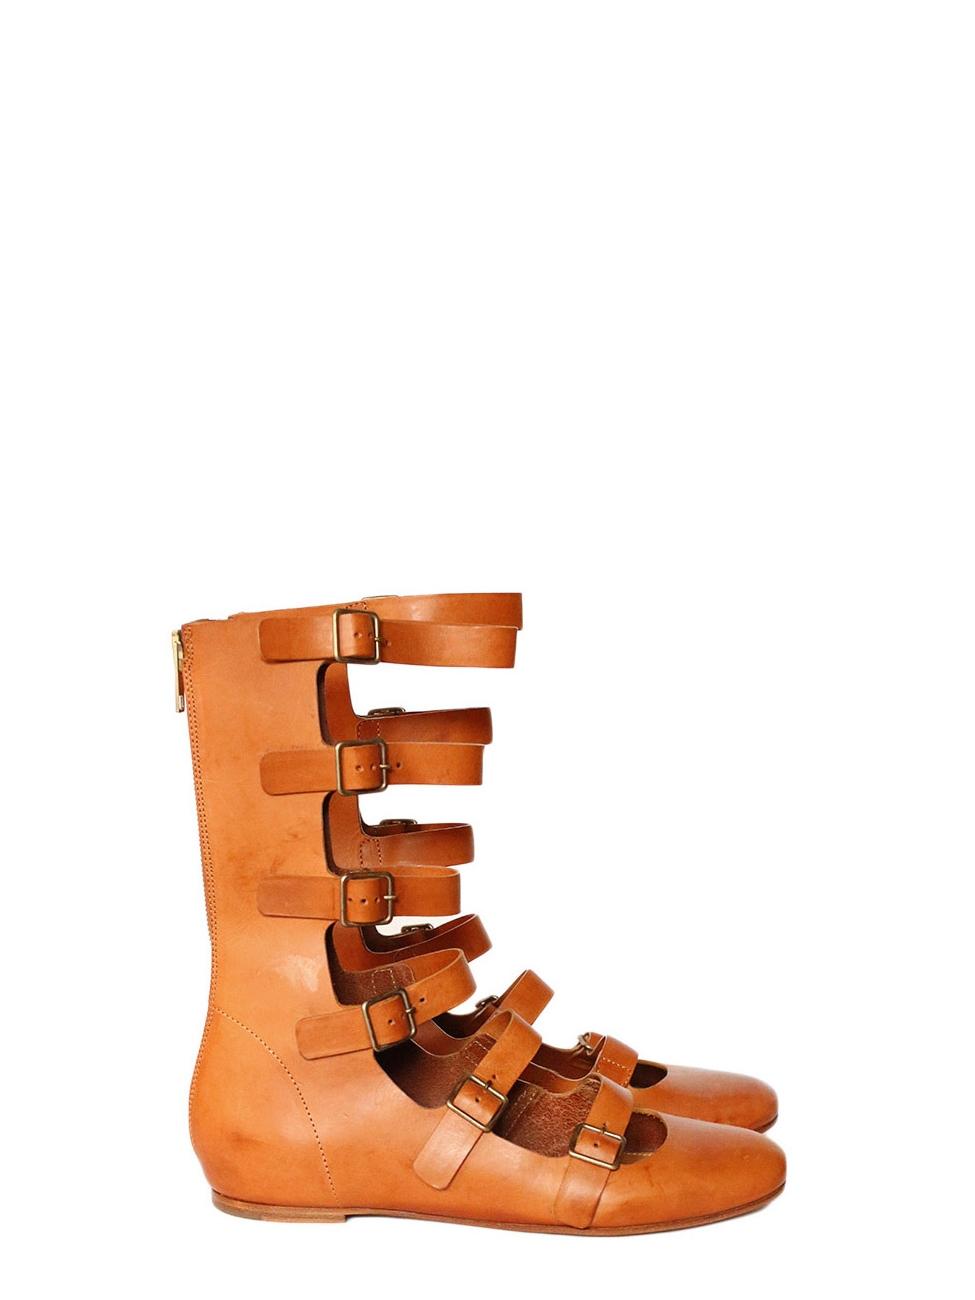 Ballerines montantes plates gladiateur en cuir camel NEUVES Px boutique  600€ Taille 39 3eae26f2c77